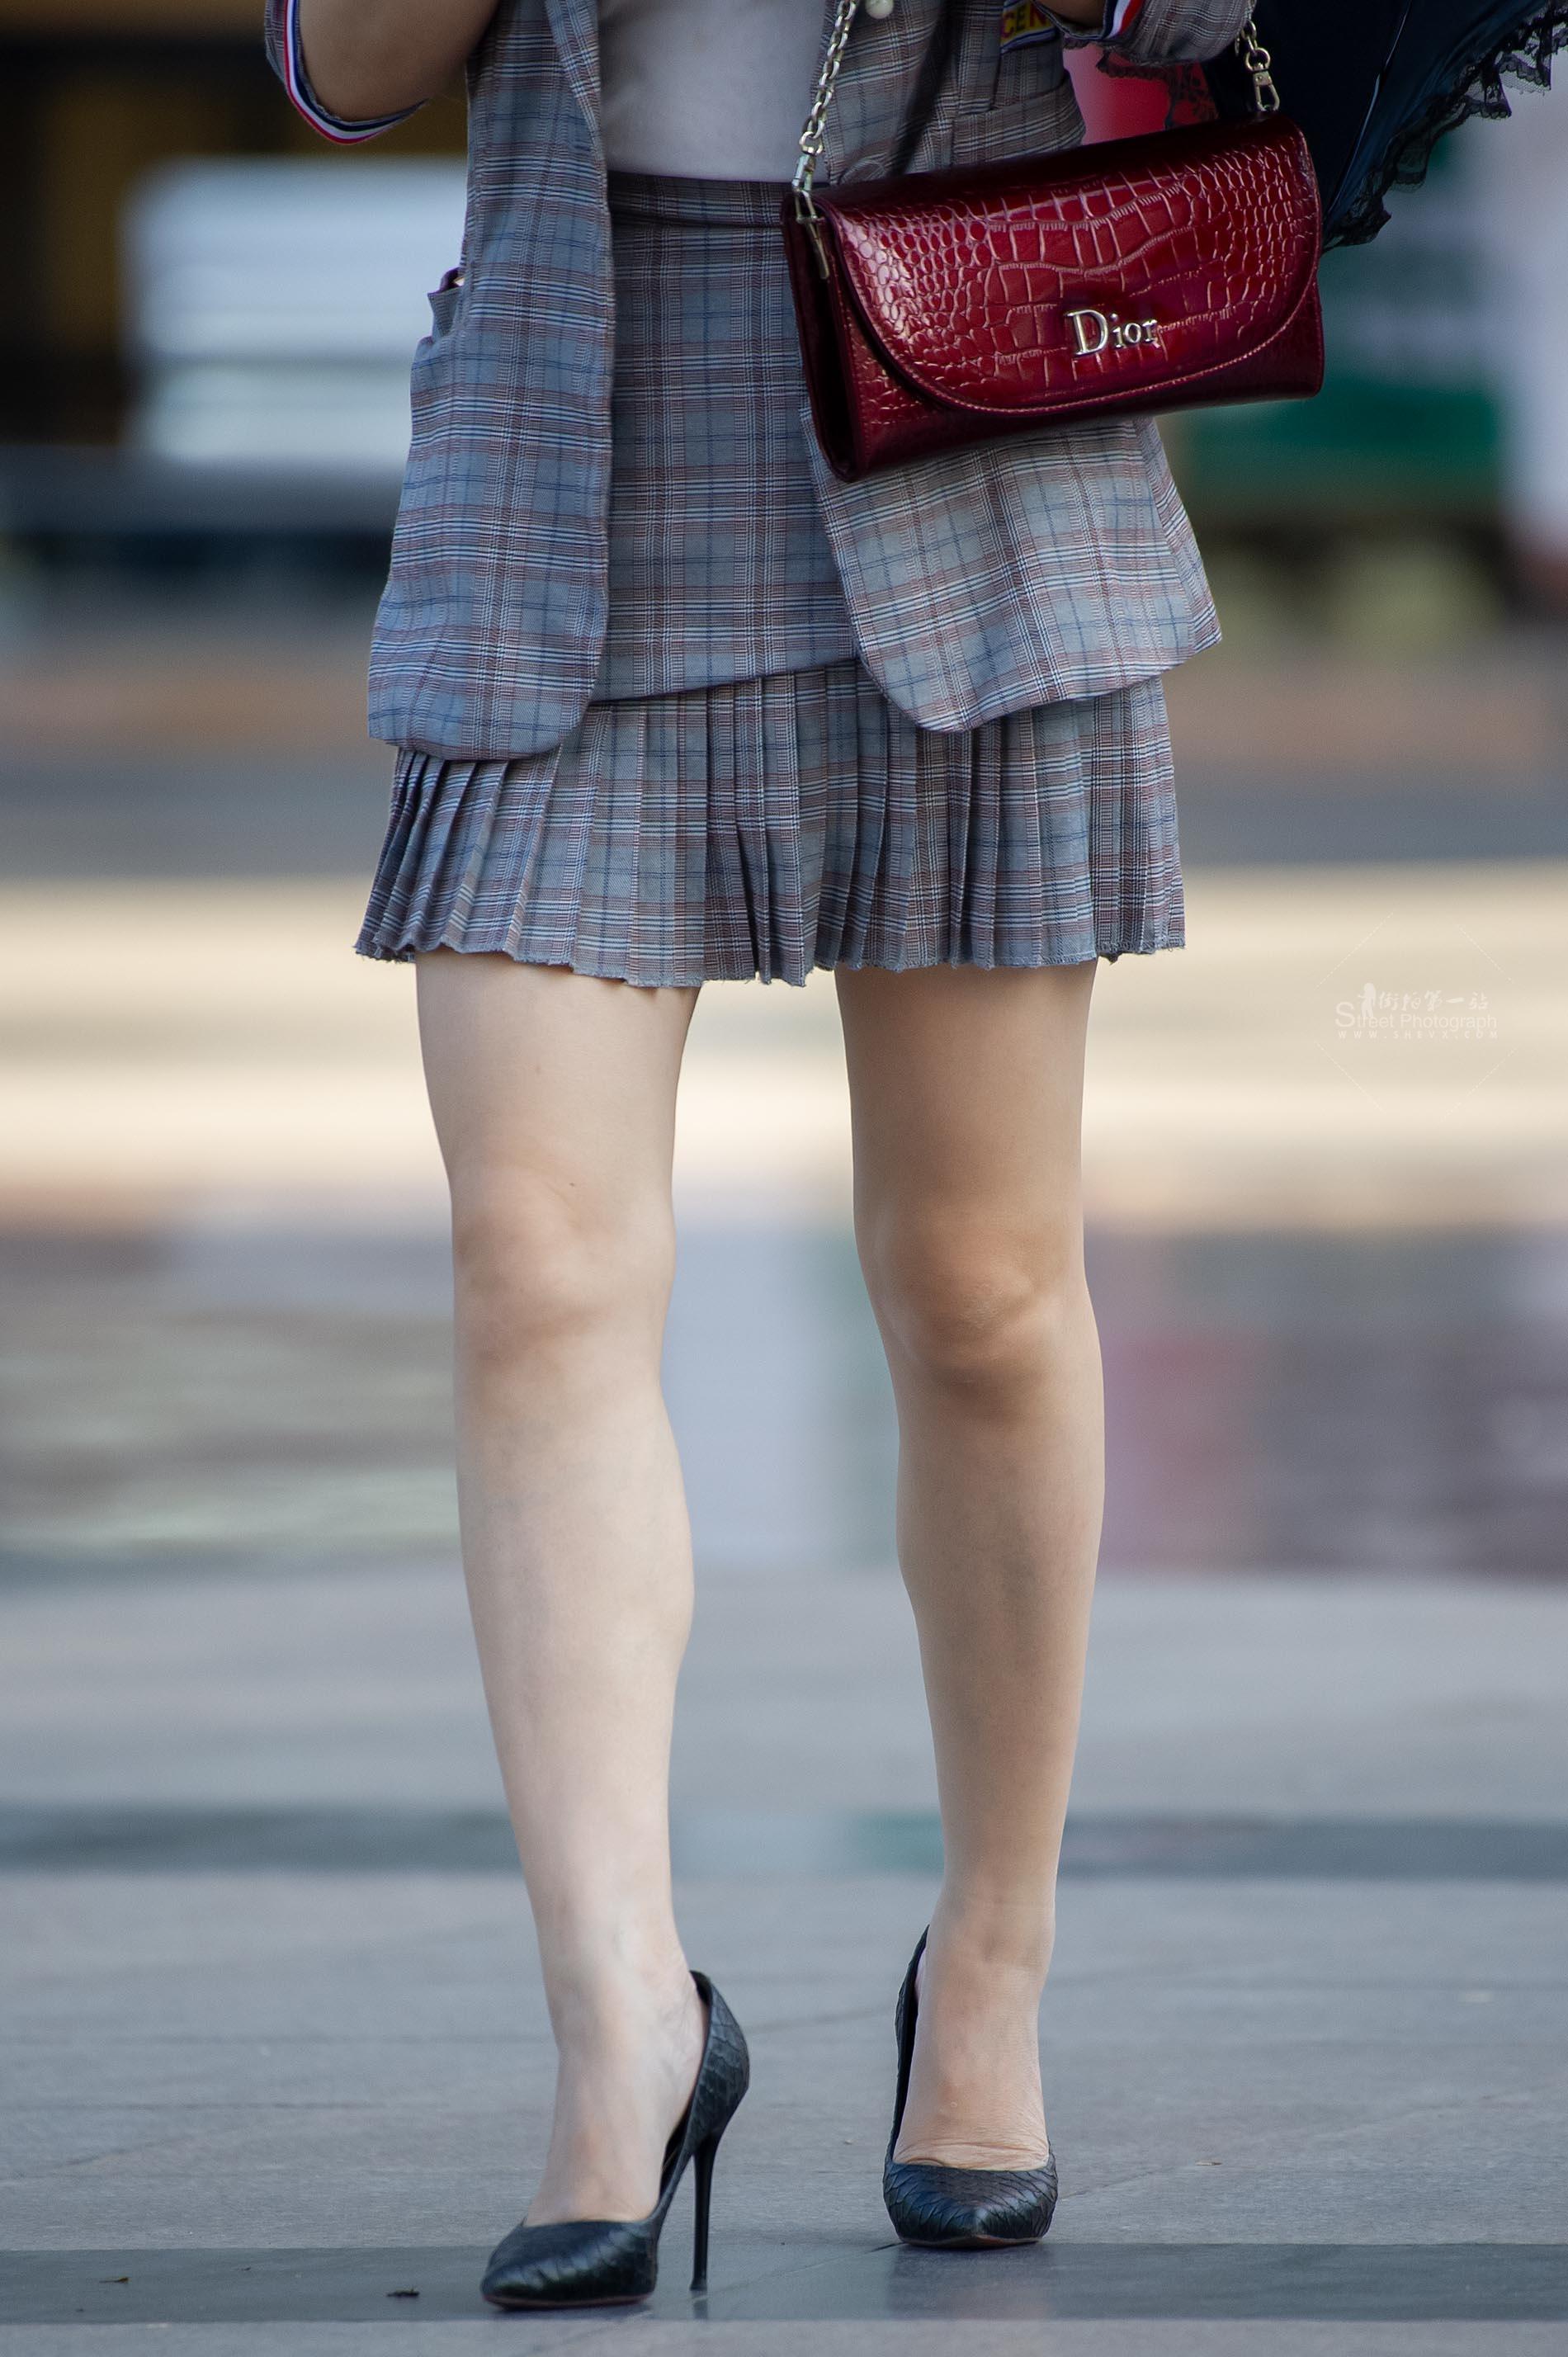 街拍高跟 【原創】絲襪的裸腿細 高跟兩枚【15P】 最新街拍絲襪圖片 街拍絲襪第一站